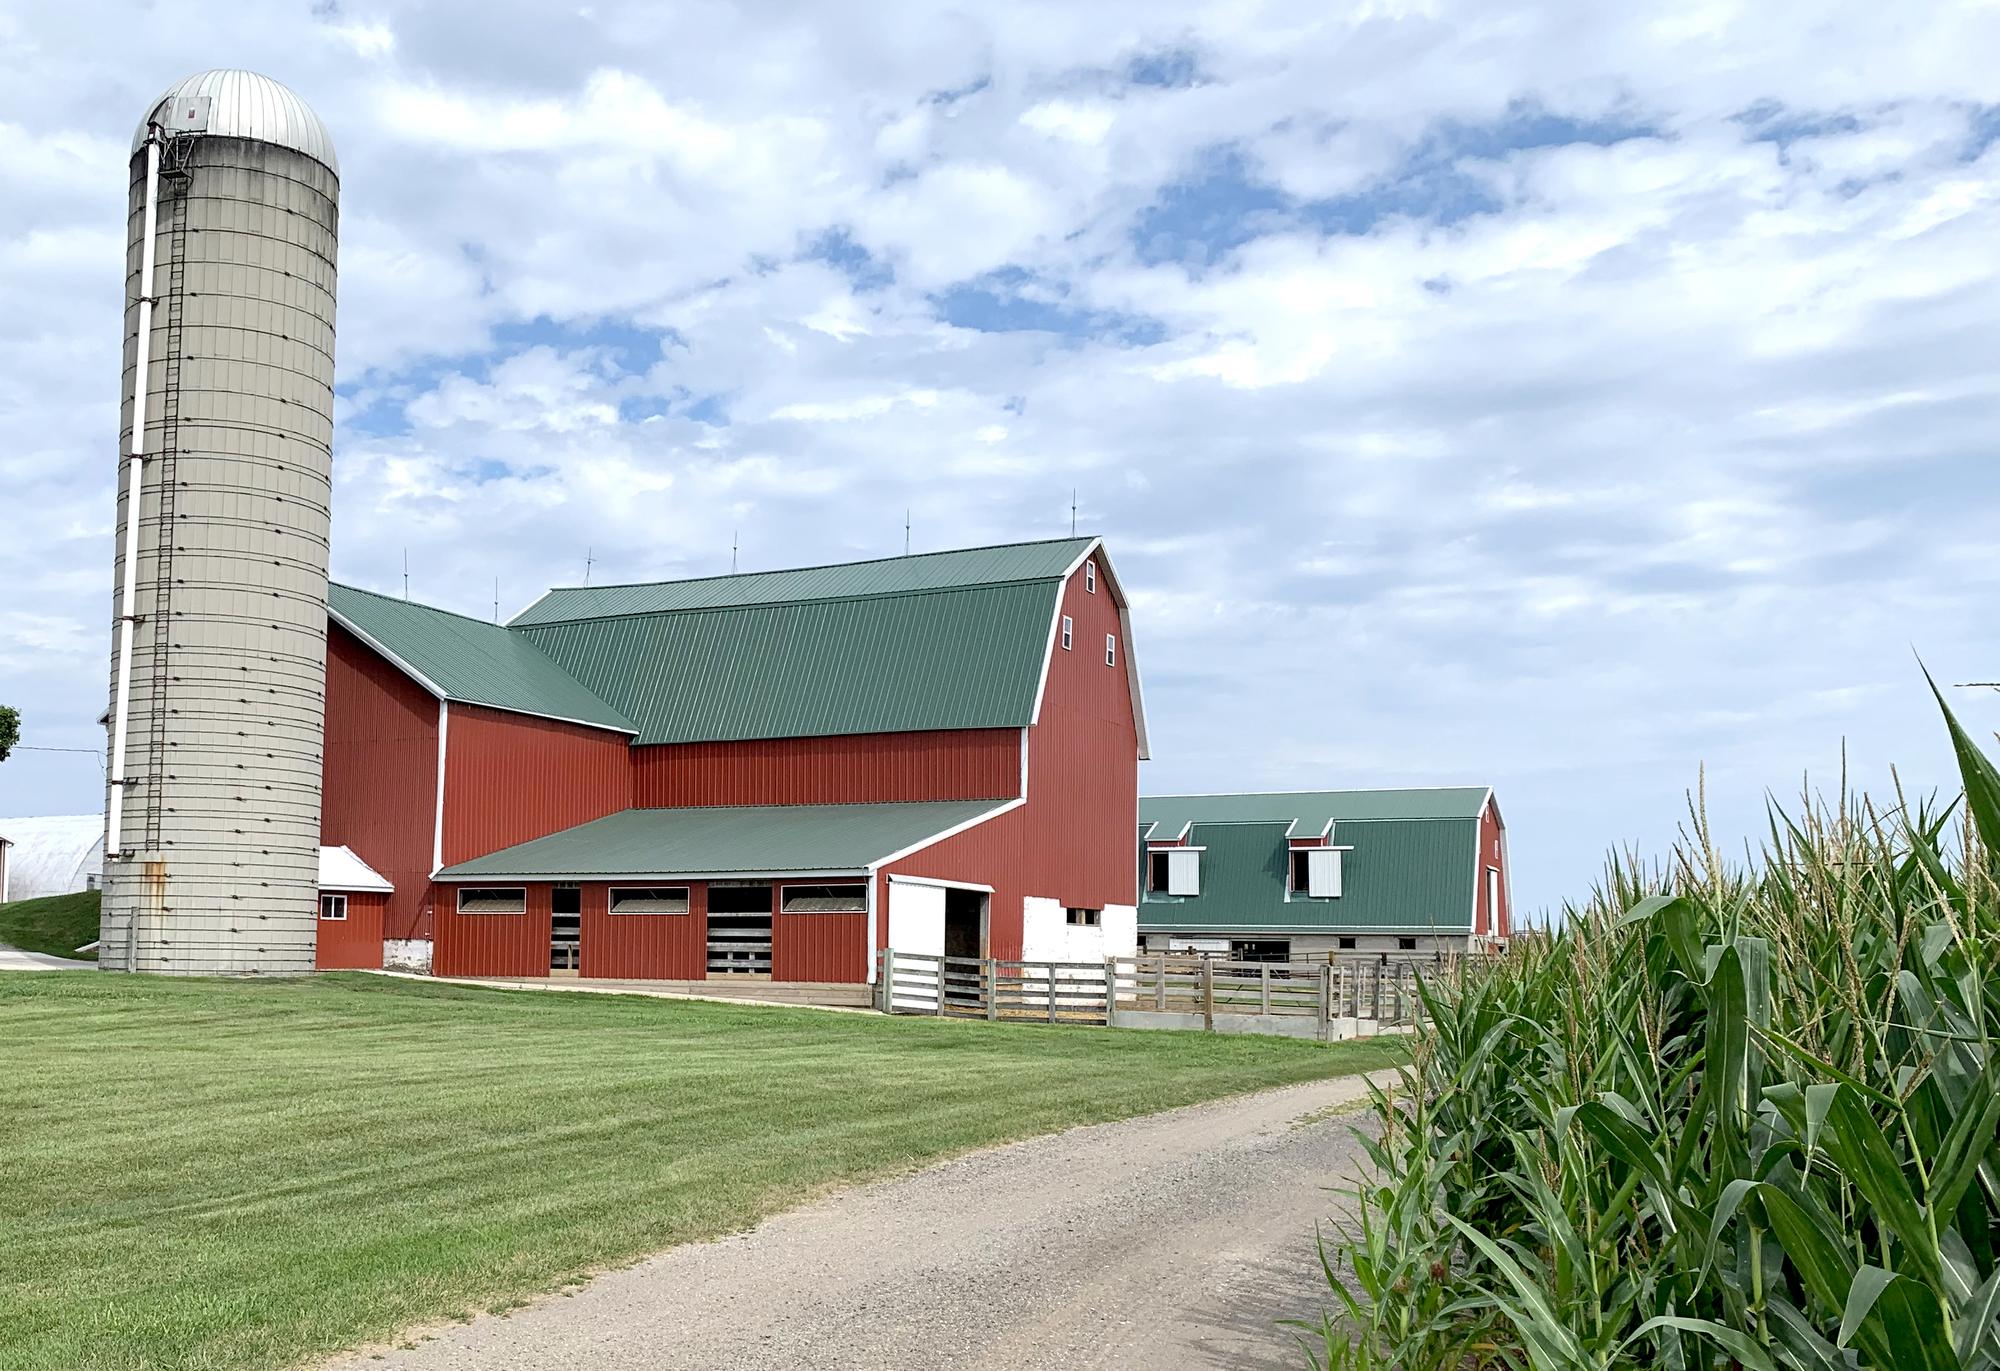 Klein Farm